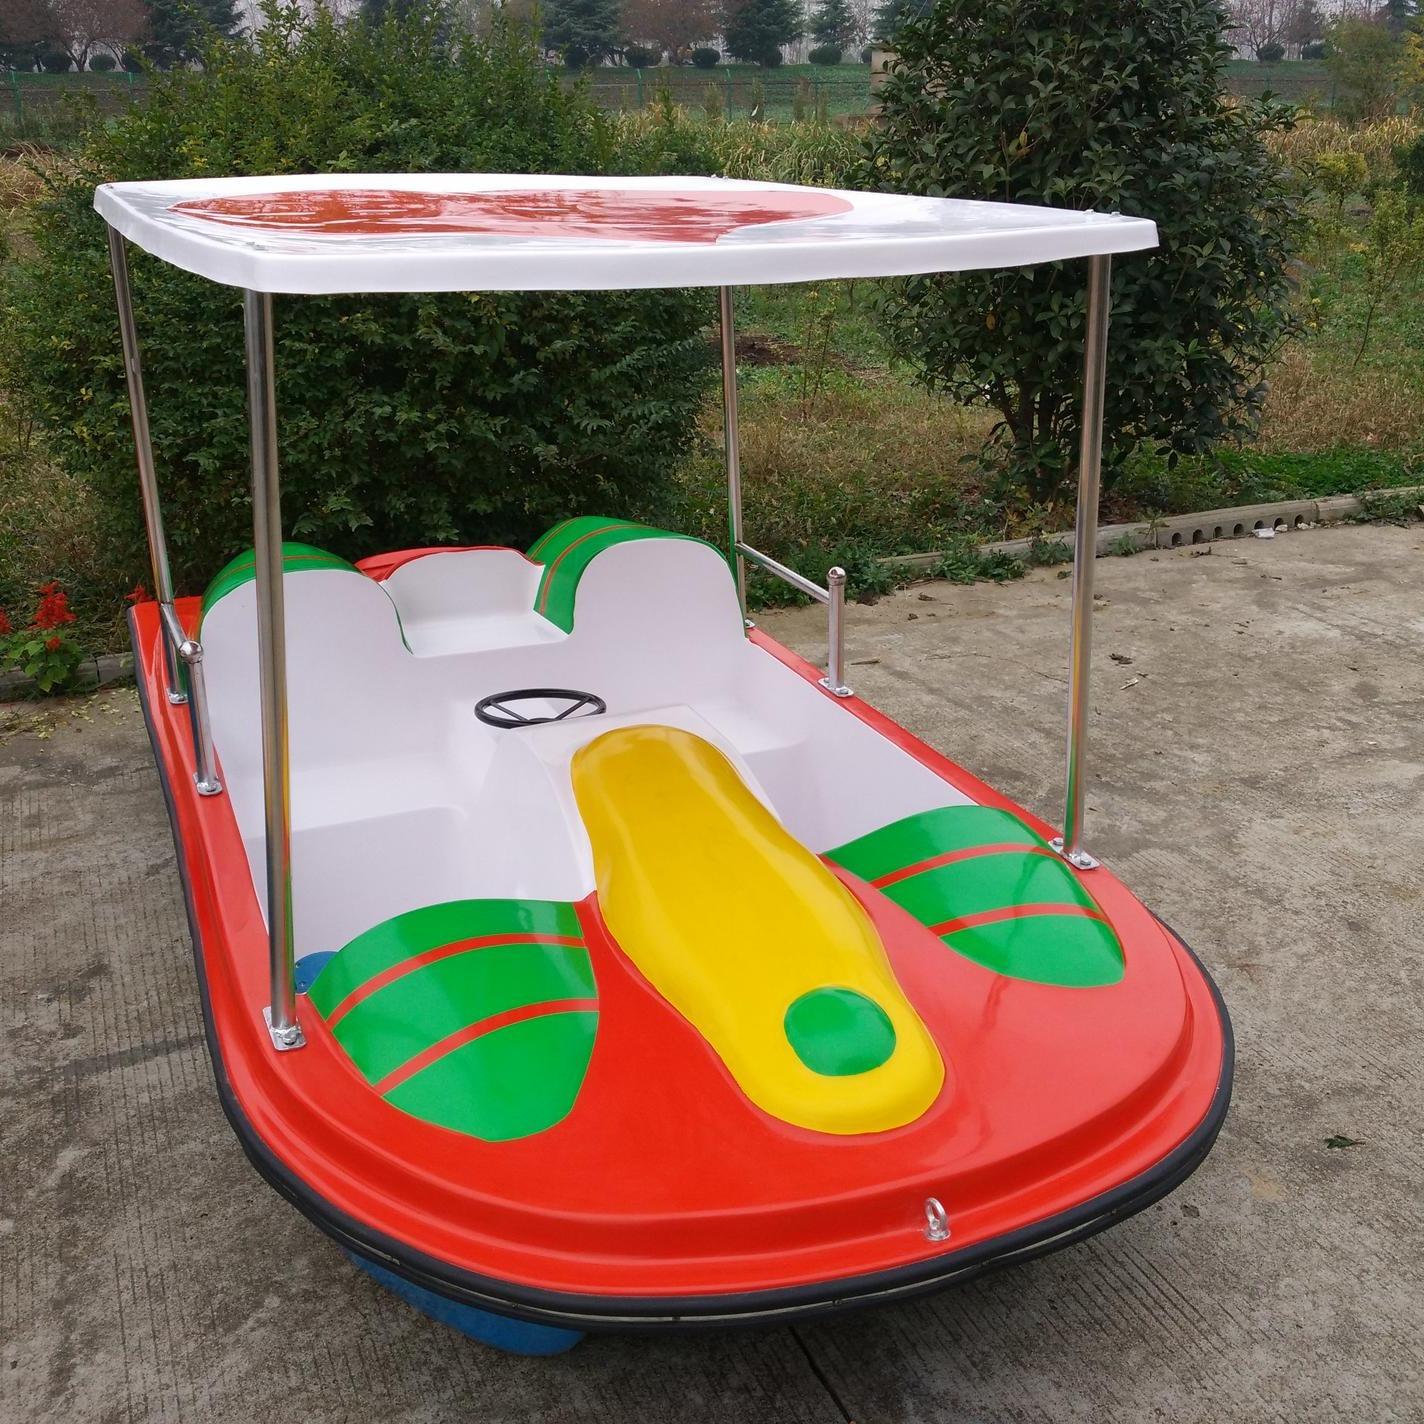 玻璃钢脚踏船 公园脚踏游船 2人脚踏船 4人玻璃钢脚踏船